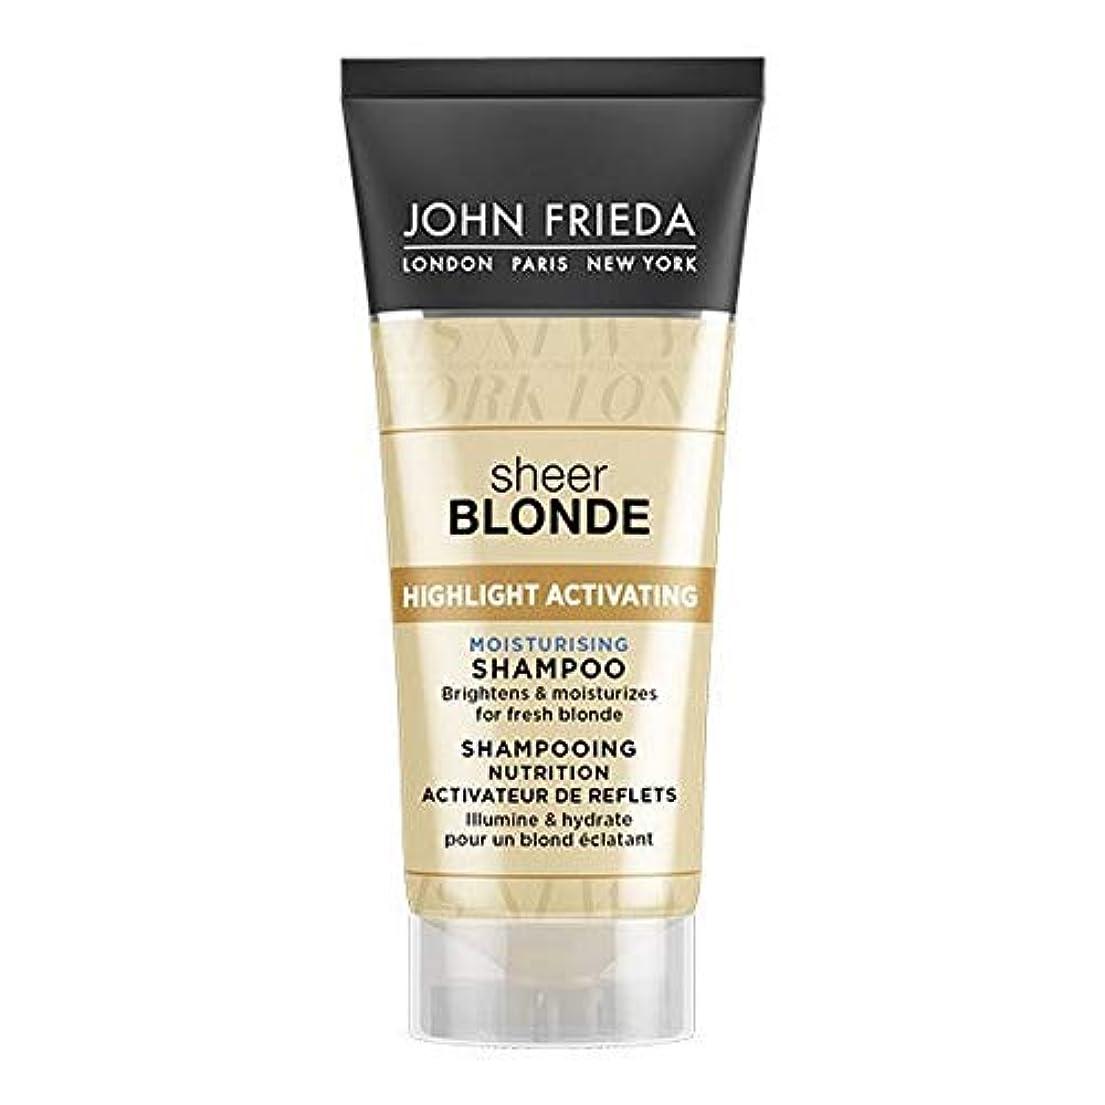 毛皮未知のマダム[John Frieda ] ジョン?フリーダ膨大なブロンドハイライト/行為シャンプープラチナ50ミリリットル - John Frieda Sheer Blonde Highlight/Act Shampoo Platinum...